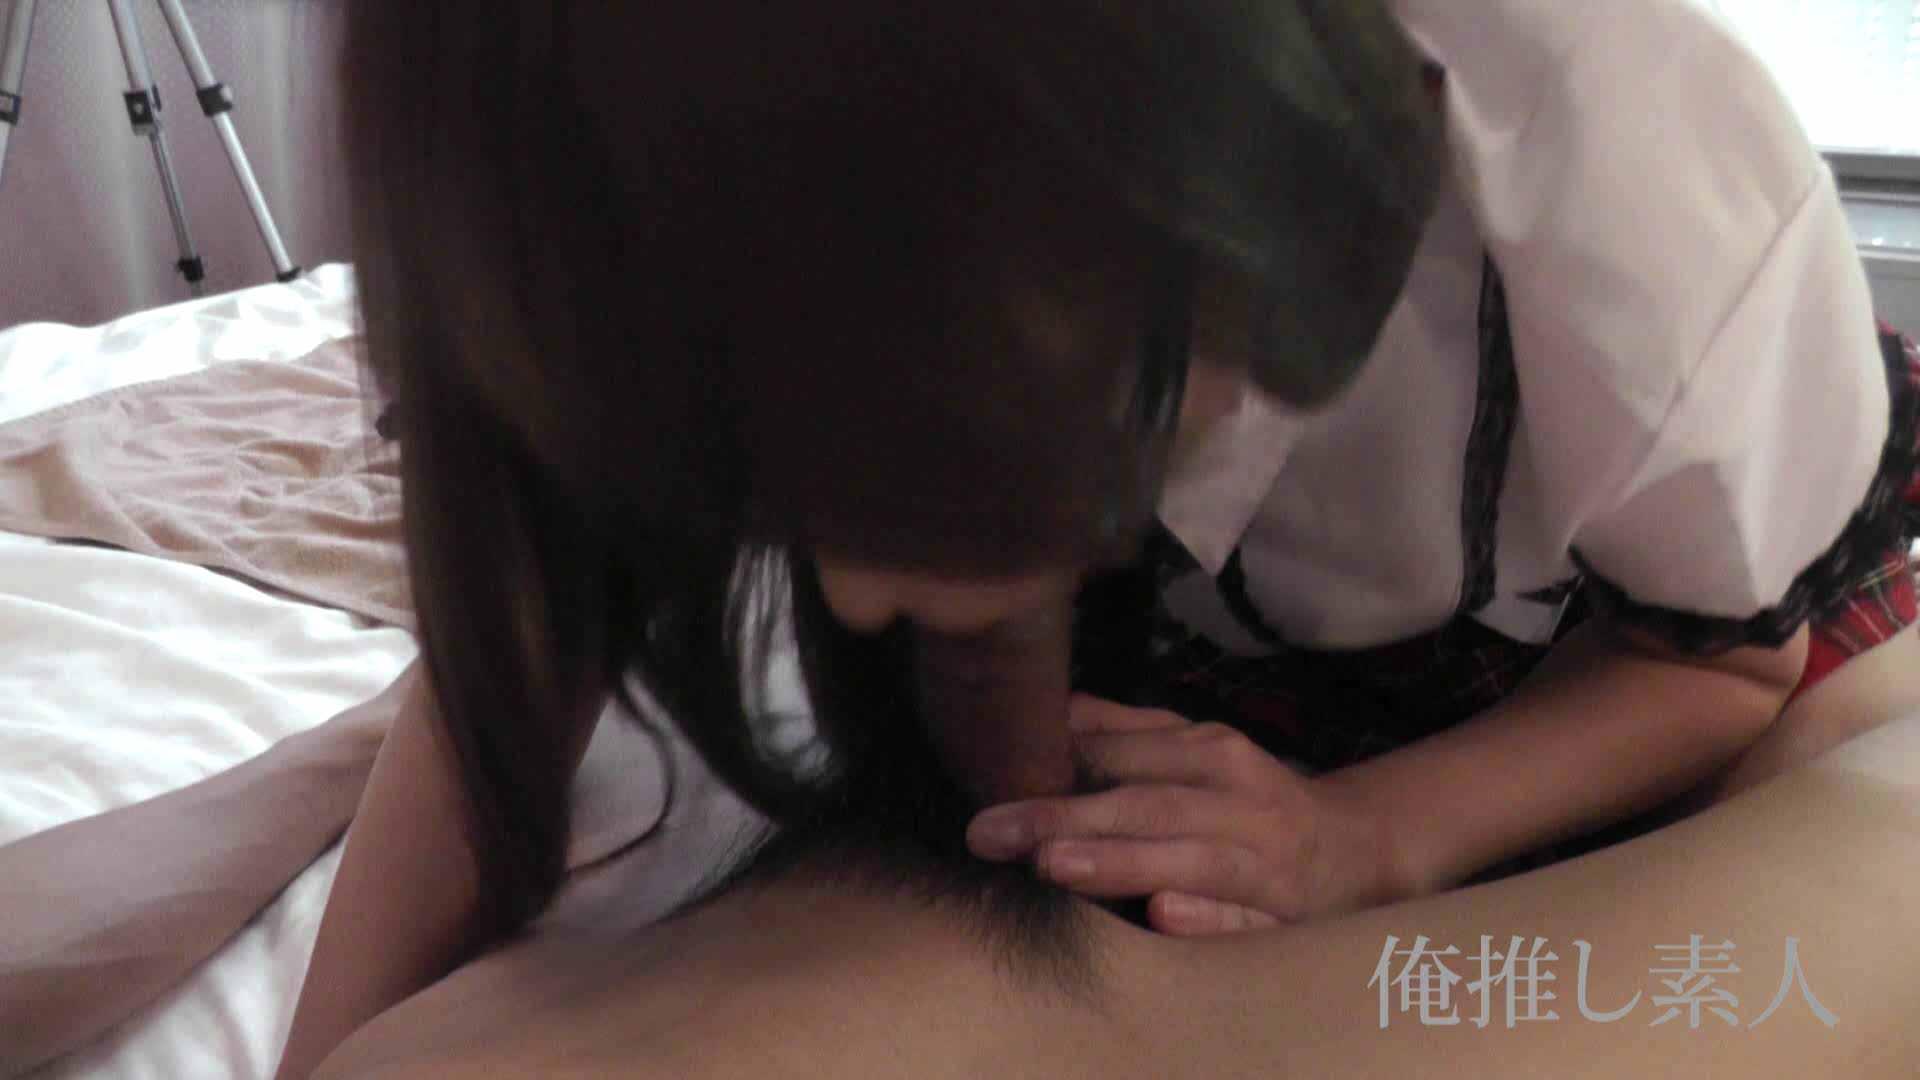 俺推し素人 EカップシングルマザーOL30歳瑤子vol3 OLのエロ生活 濡れ場動画紹介 70連発 30